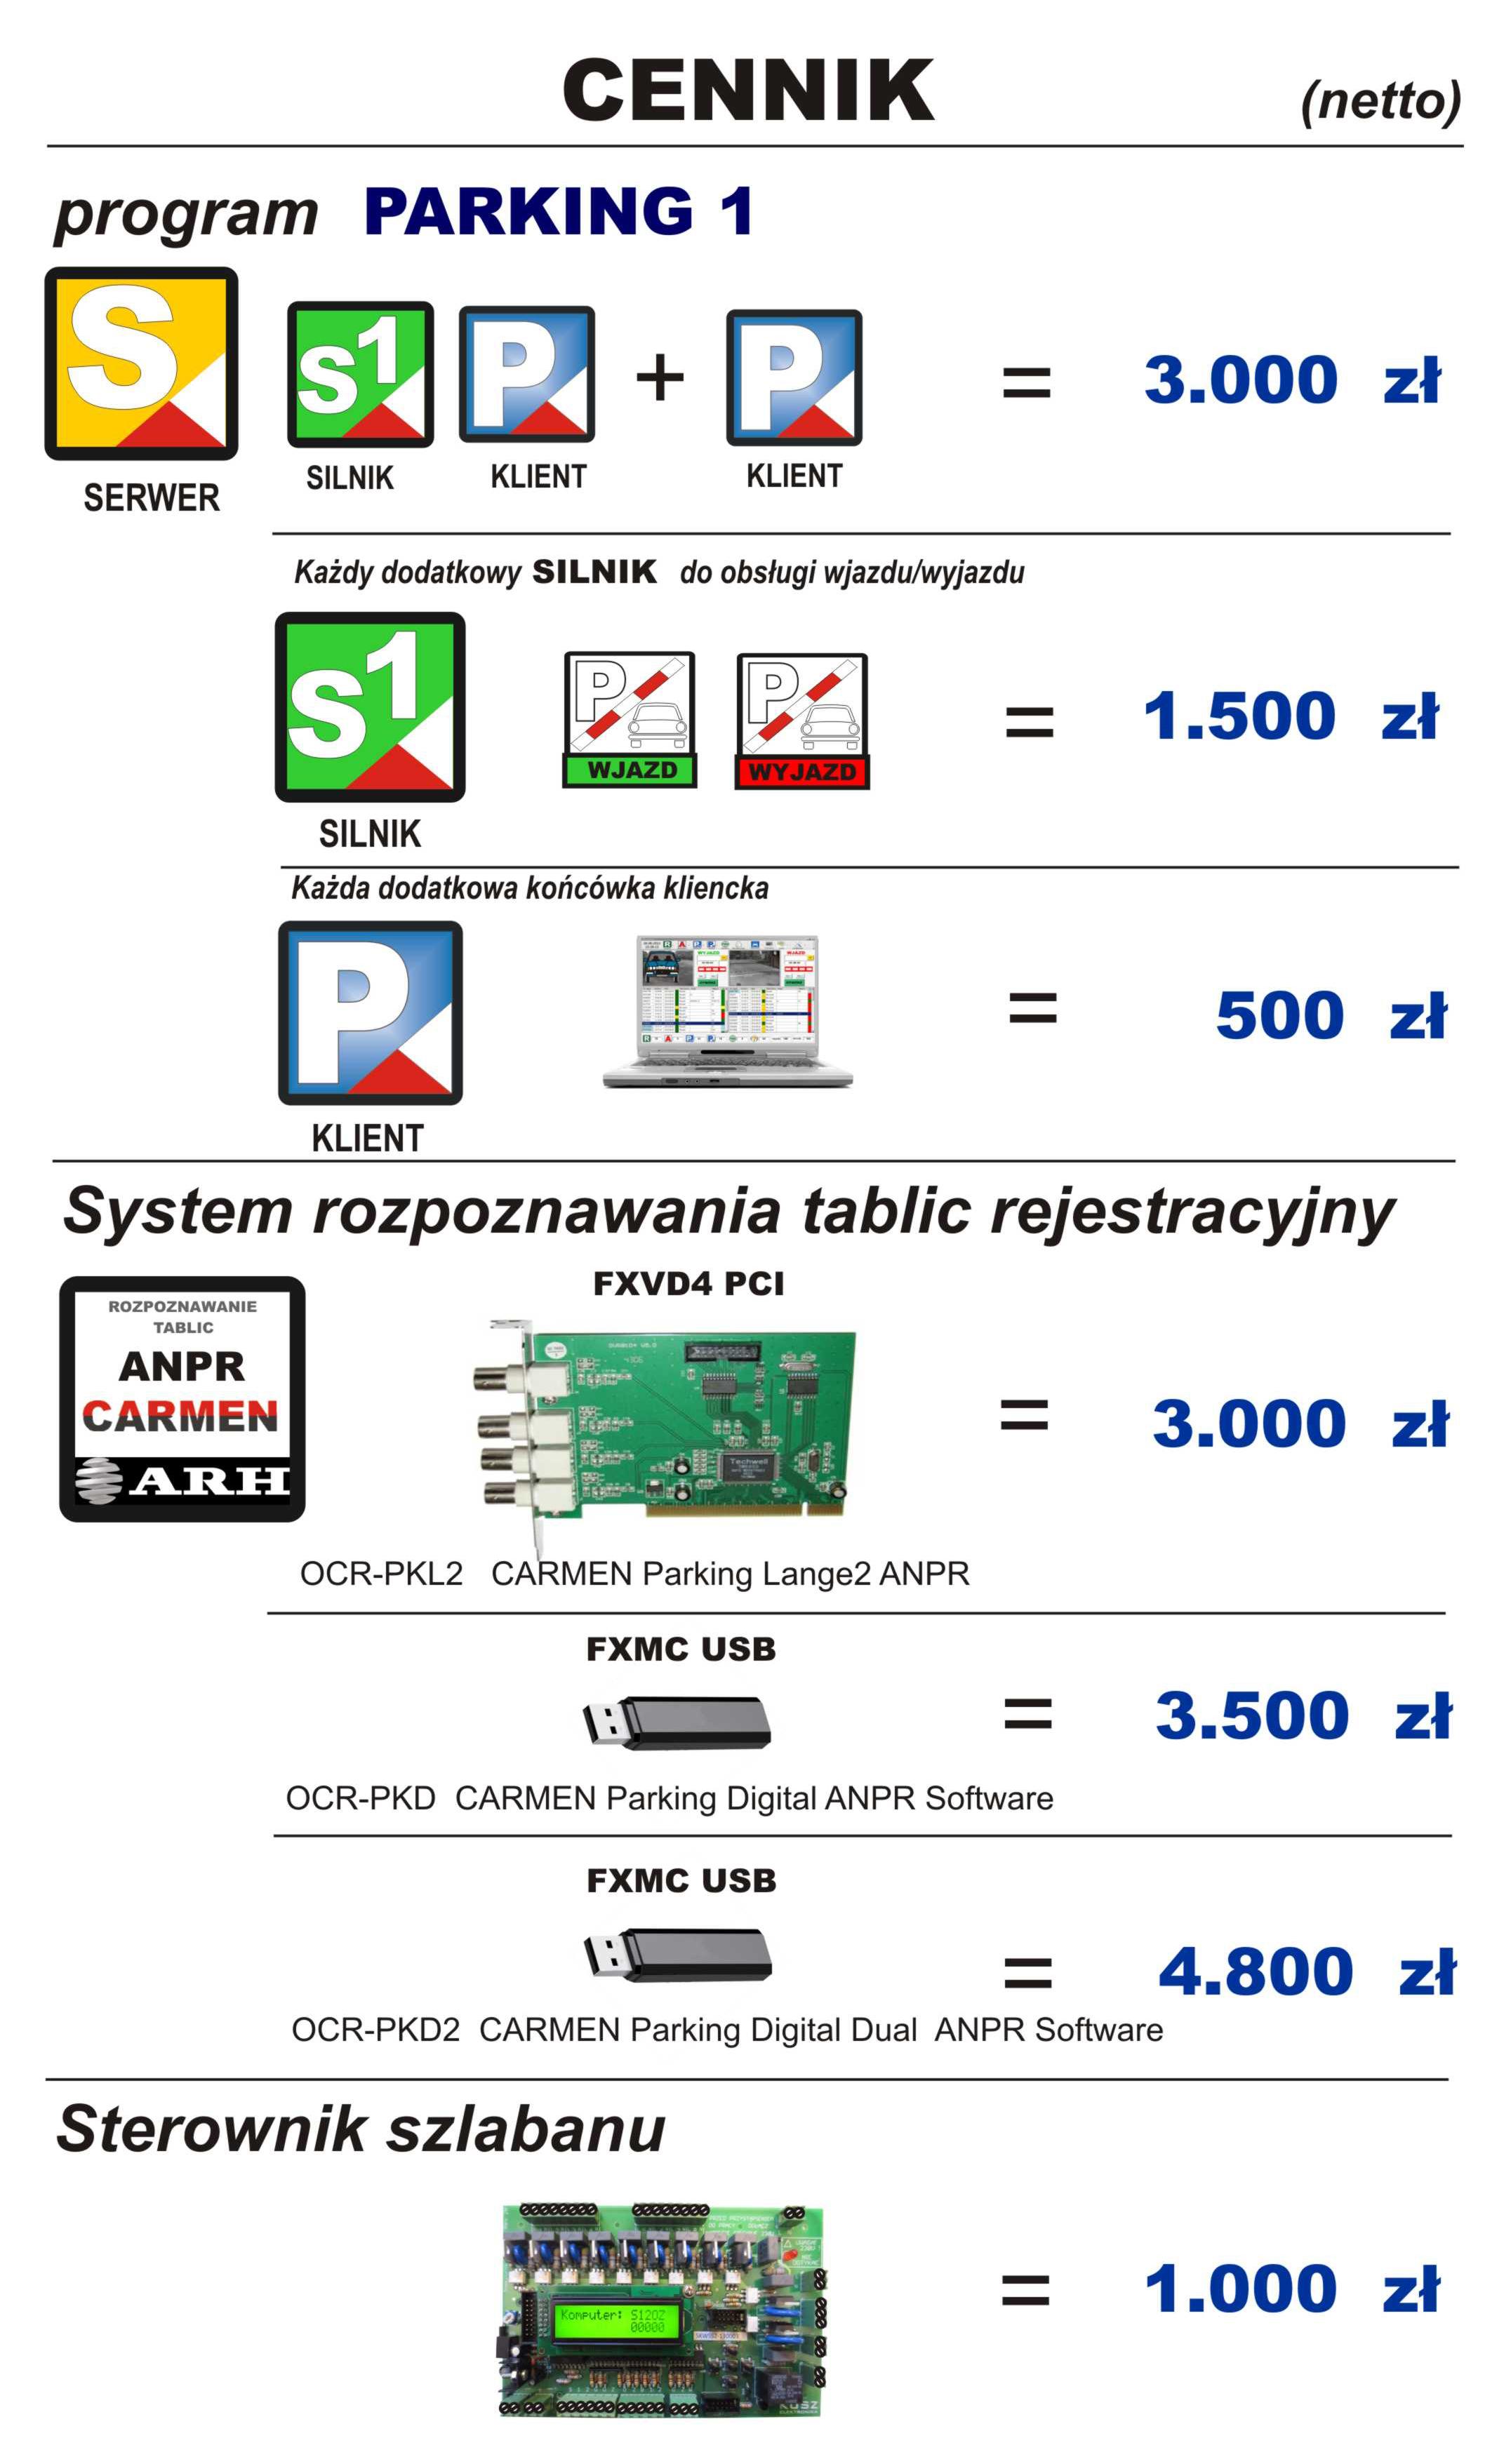 ELEMENTY SYSTEMU NA 2 SZLABANY   NEV